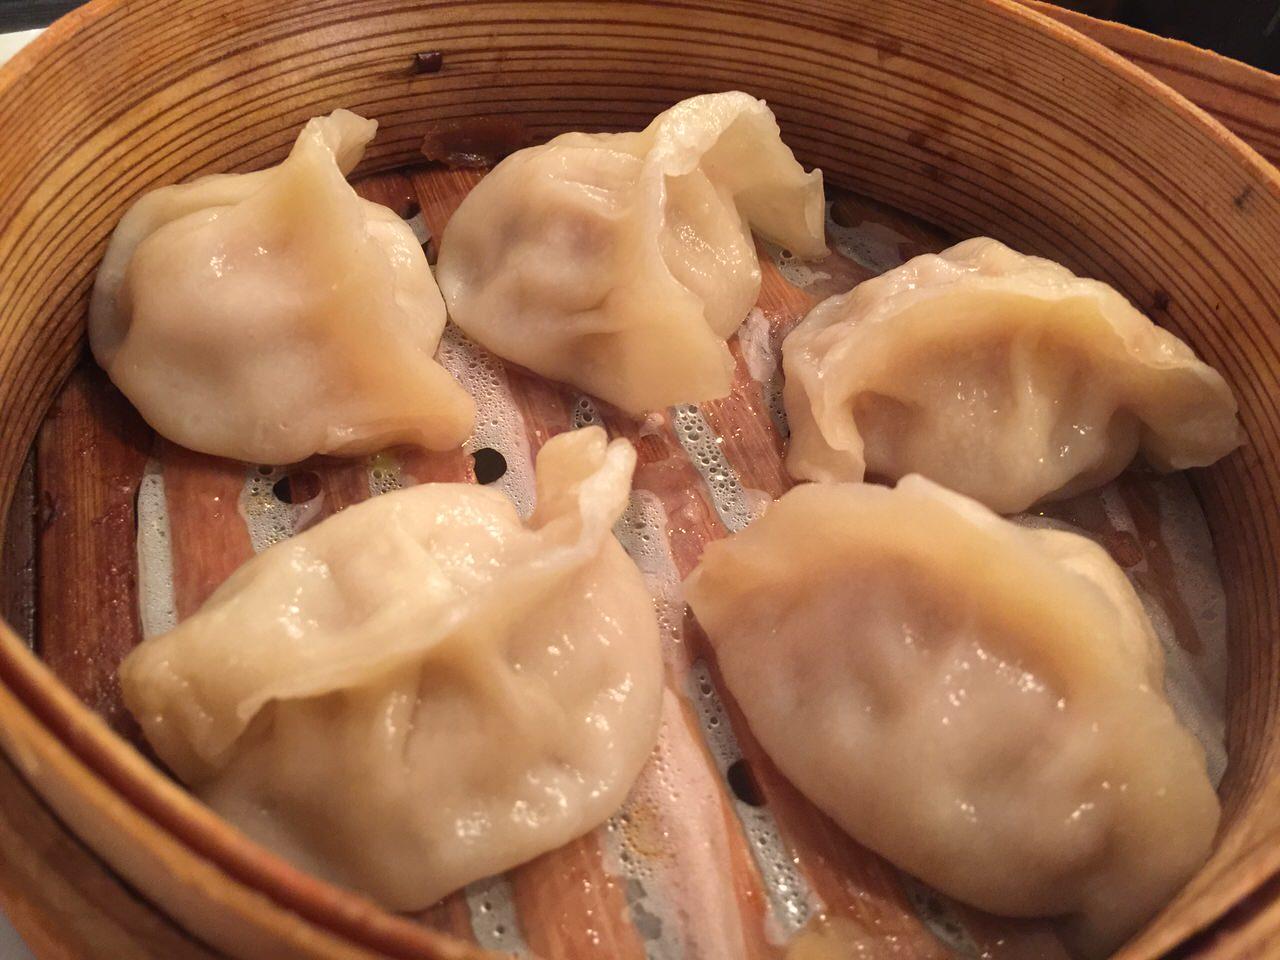 「玲玲家園菜(かえんさい)」水餃子も絶品!羊肉が食べられるジビエの中華料理店(新橋)